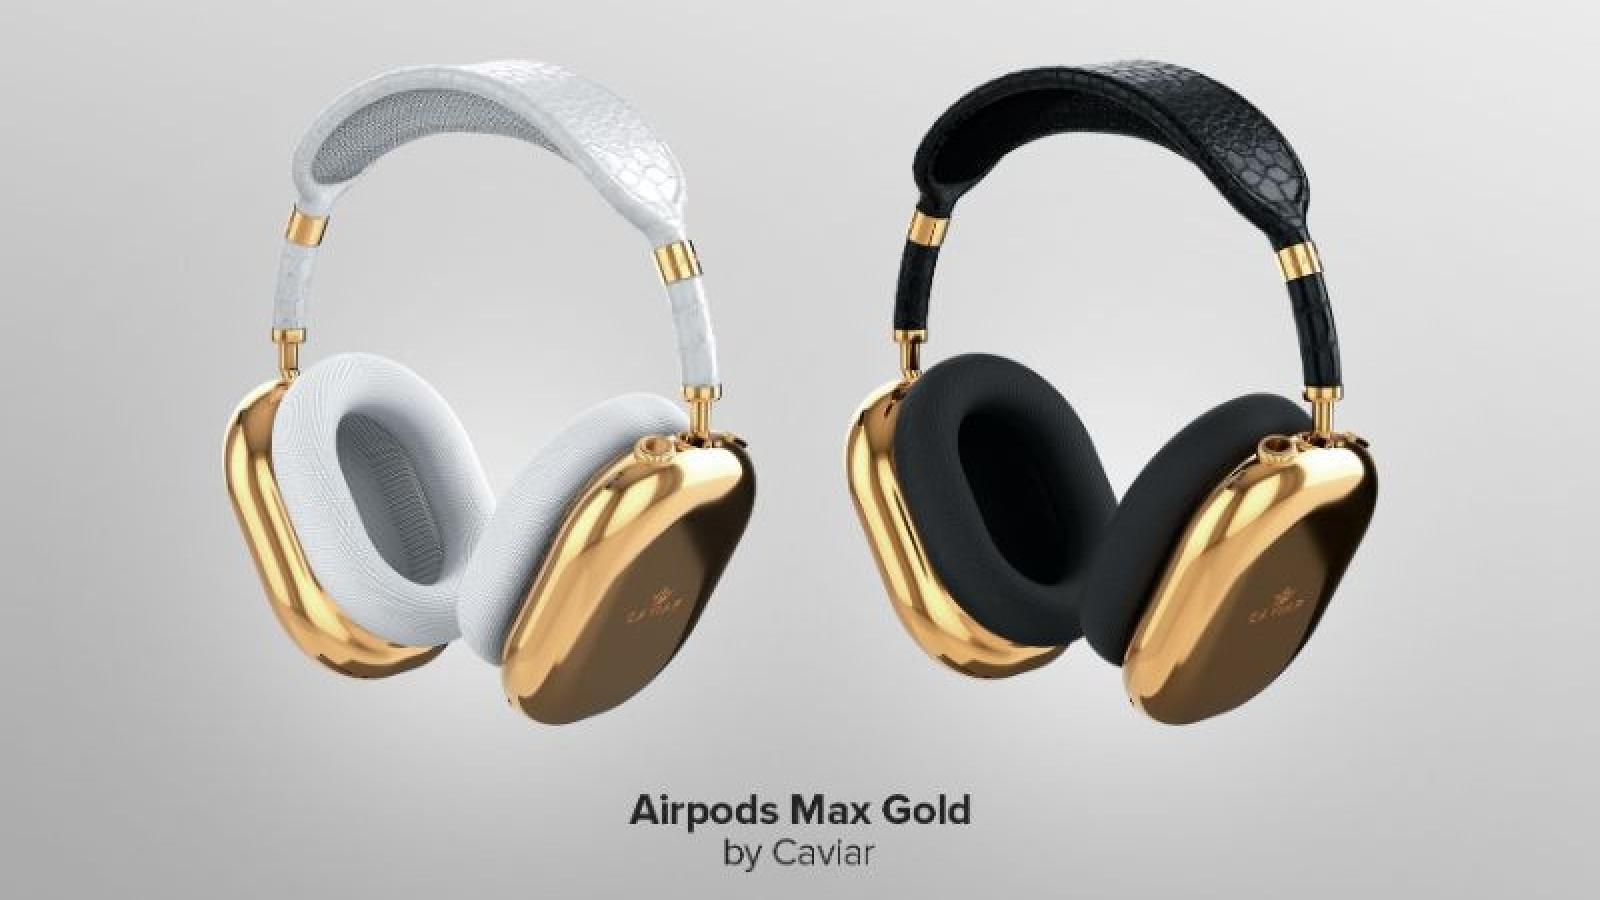 Phiên bản AirPods Max bằng vàng giá cao ngất ngưởng